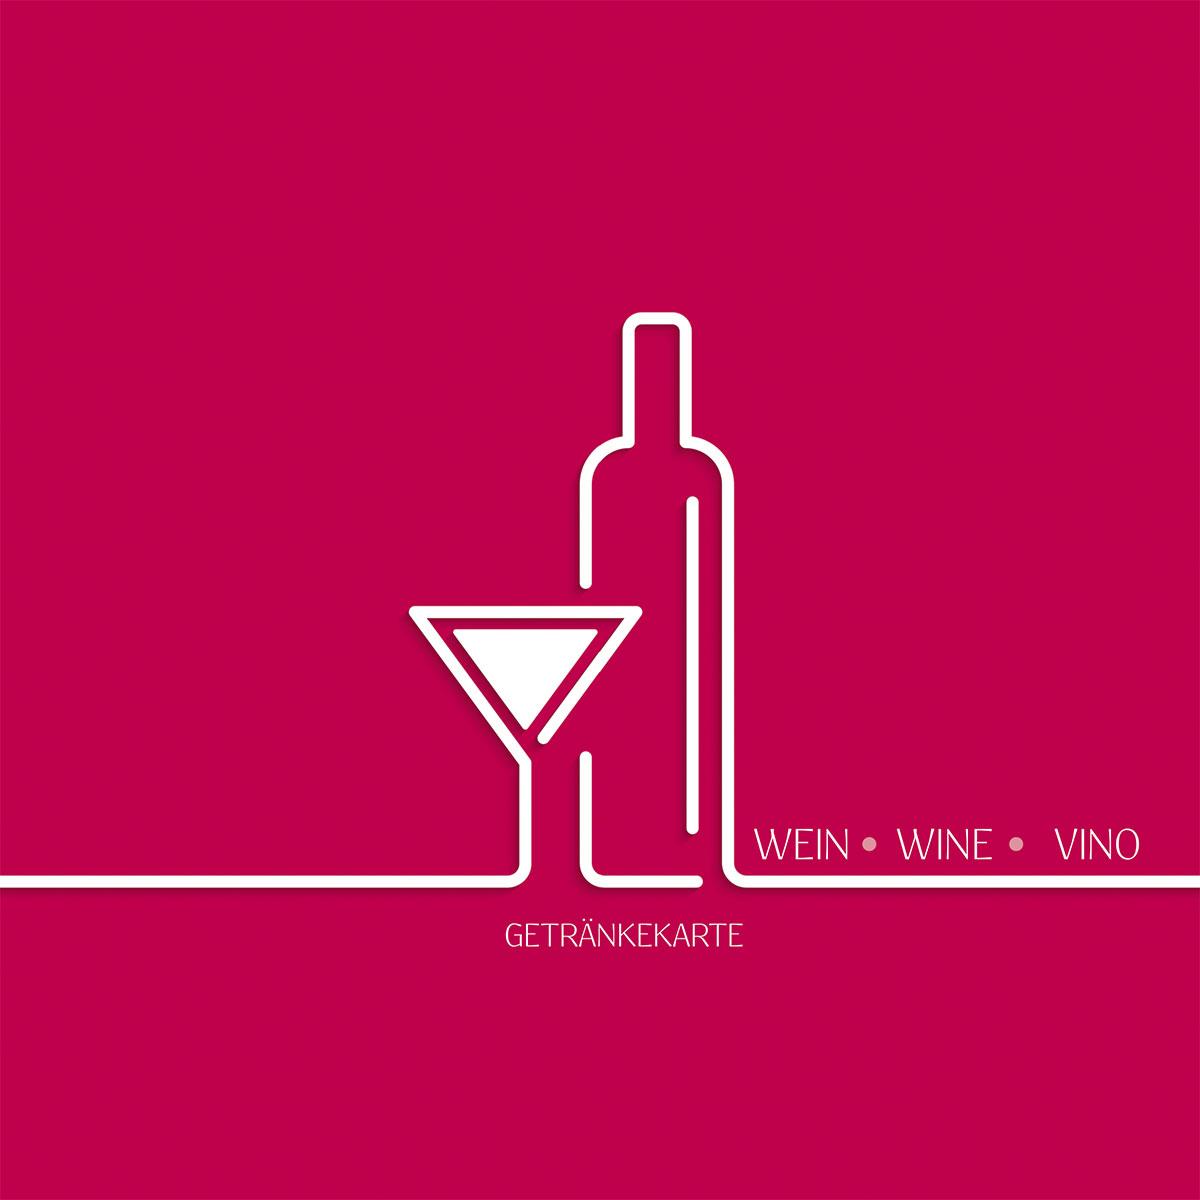 """Deckblatt: Weinkarte Designvorlage """"Wein, Wine, Vino"""", 210 x 210 mm (0073)"""